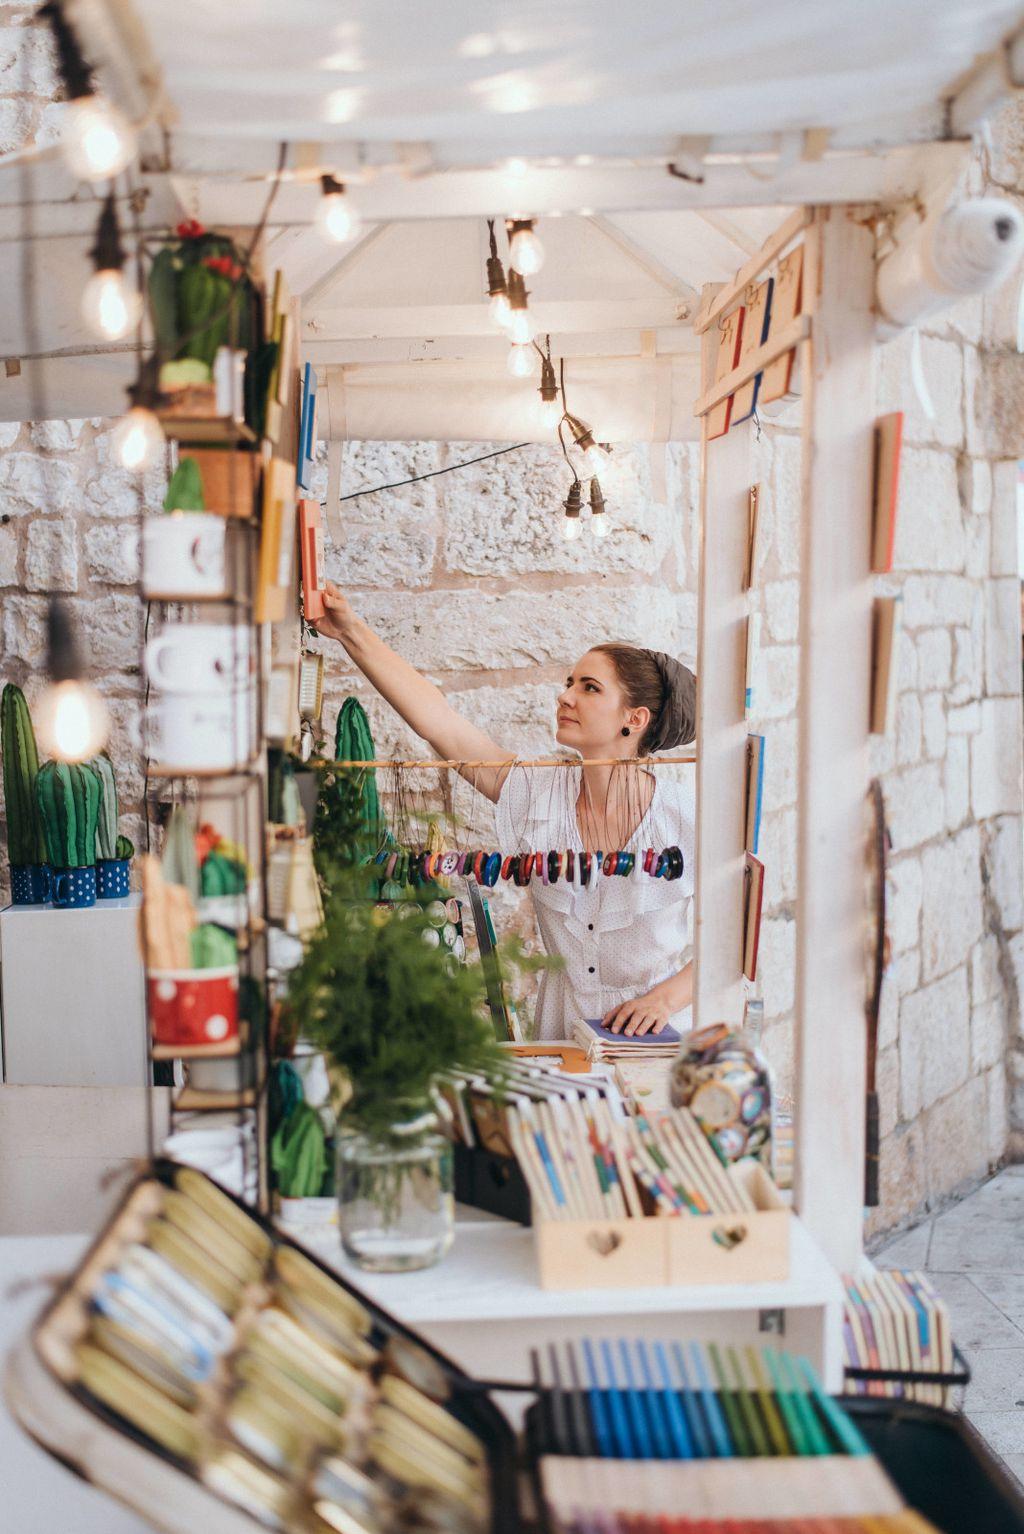 Marta Lučin iz Trogira izrađuje kaktuse od recikliranih materijala i odbčenih predmeta - 10